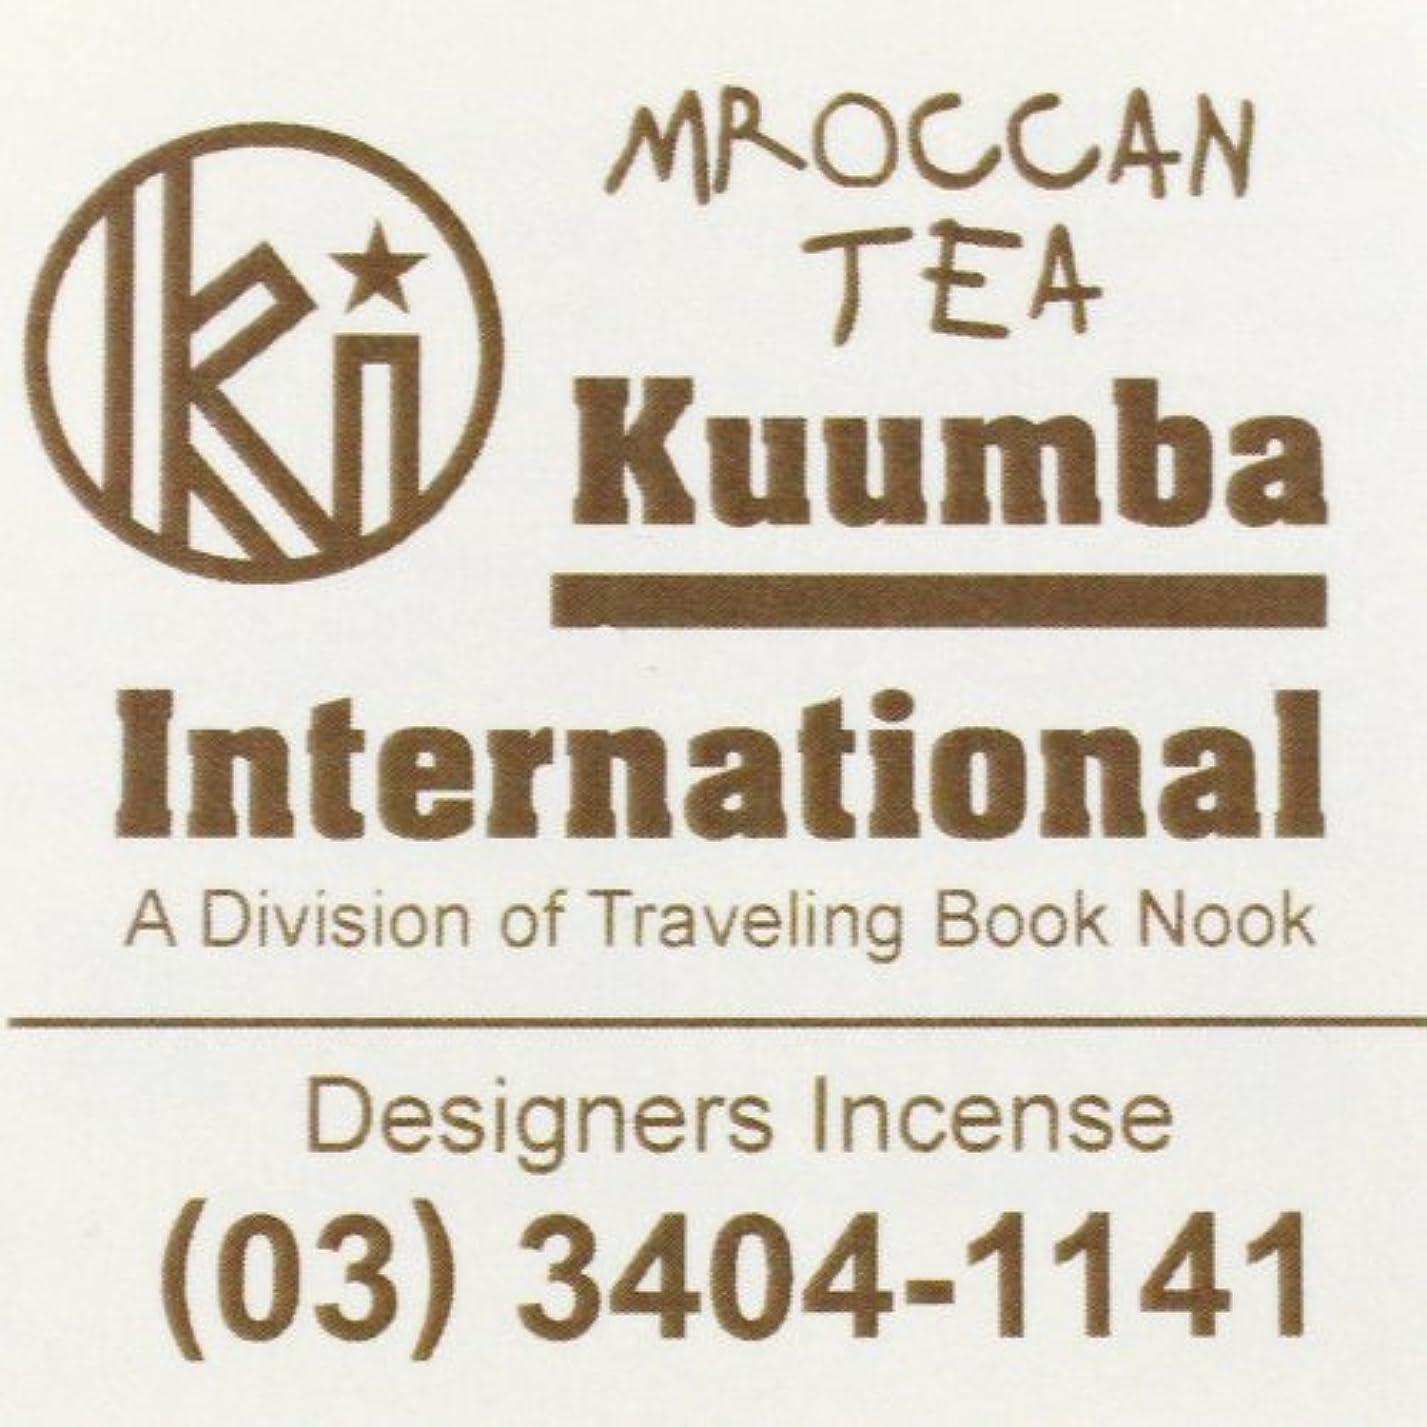 順応性太いヒット(クンバ) KUUMBA『incense』(MOROCCAN TEA) (Regular size)